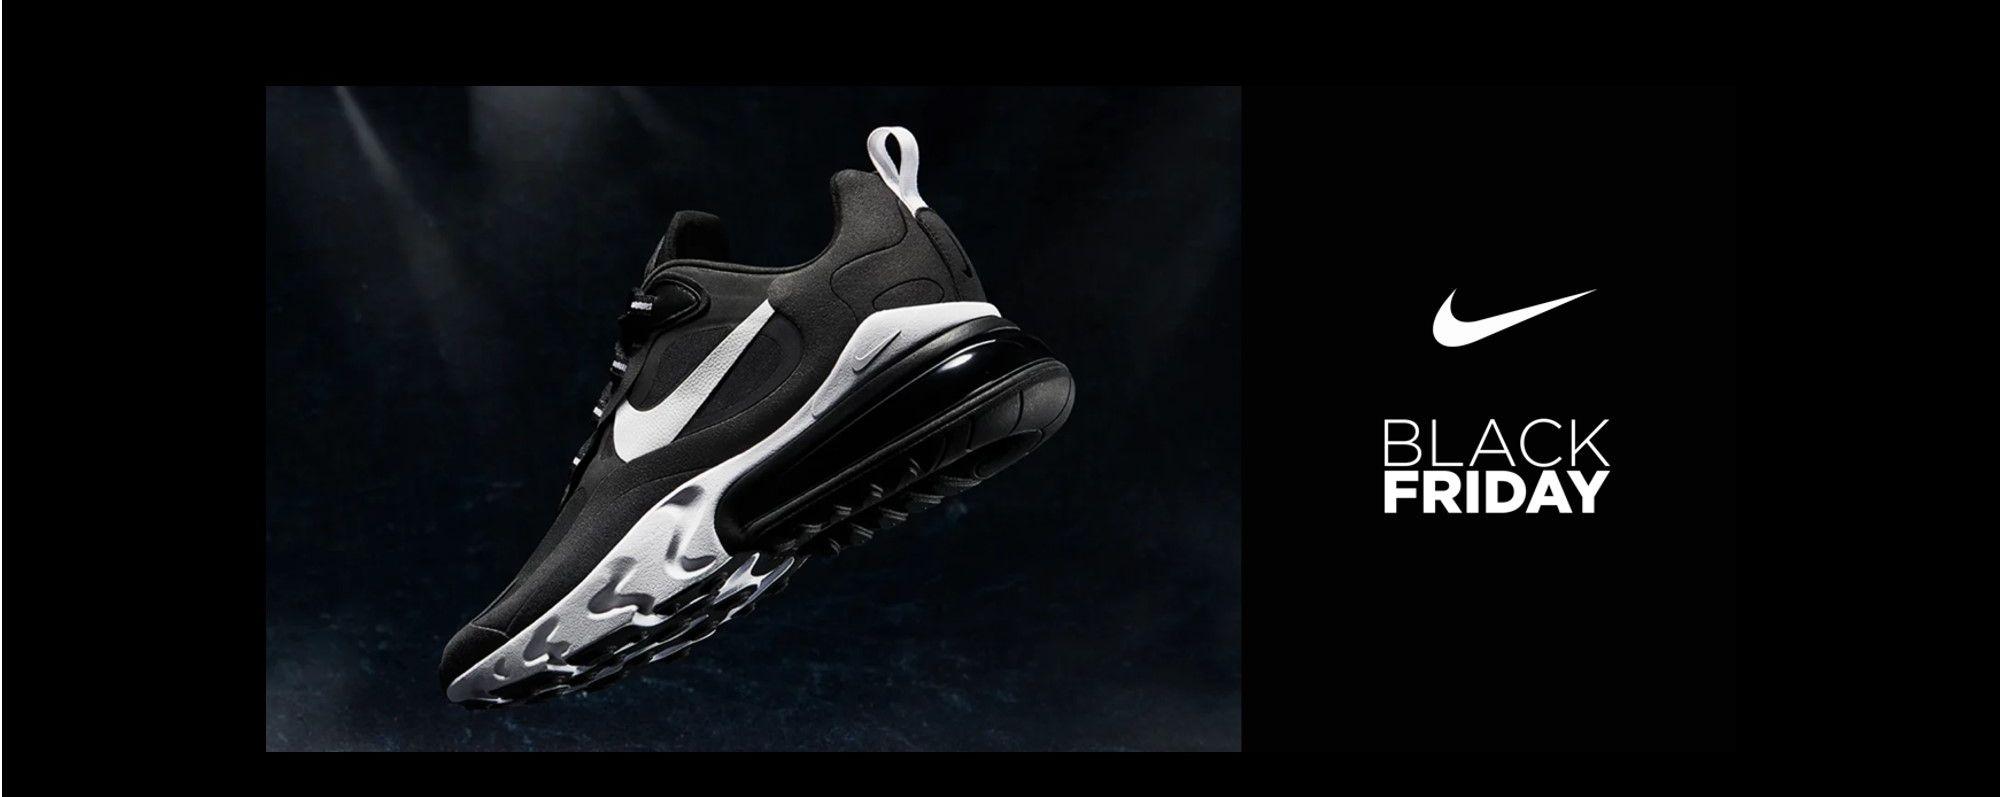 BLACK FRIDAY 2019 Nike: les remises, les dates et les codes